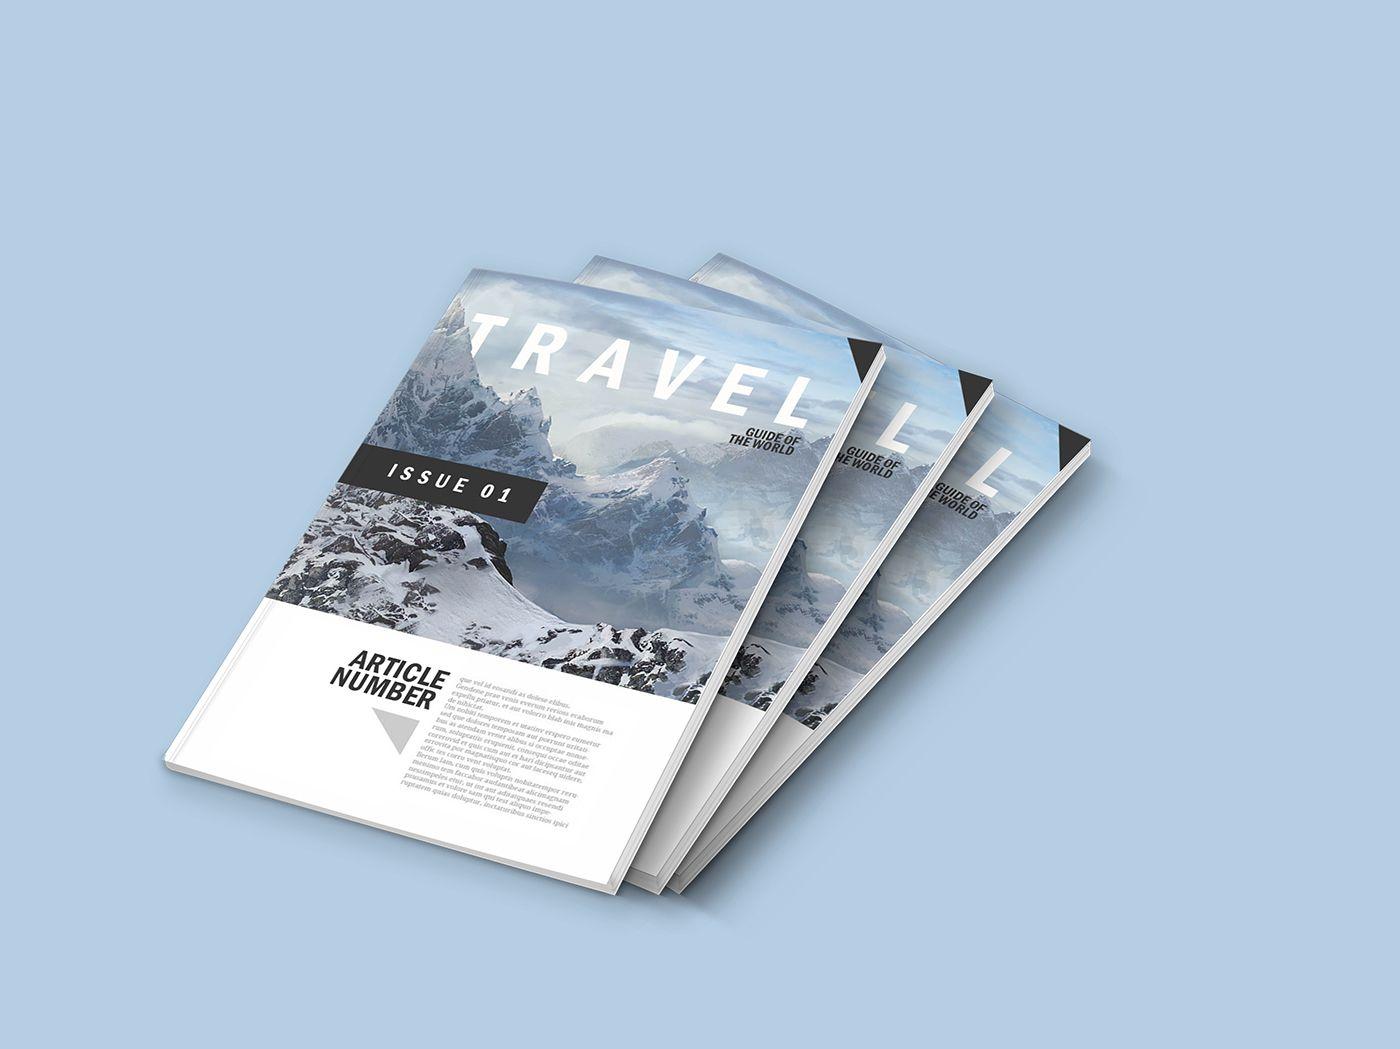 Updated Magazine Mock Up Free On Behance Magazine Mockup Psd Free Graphic Design Magazine Mockup